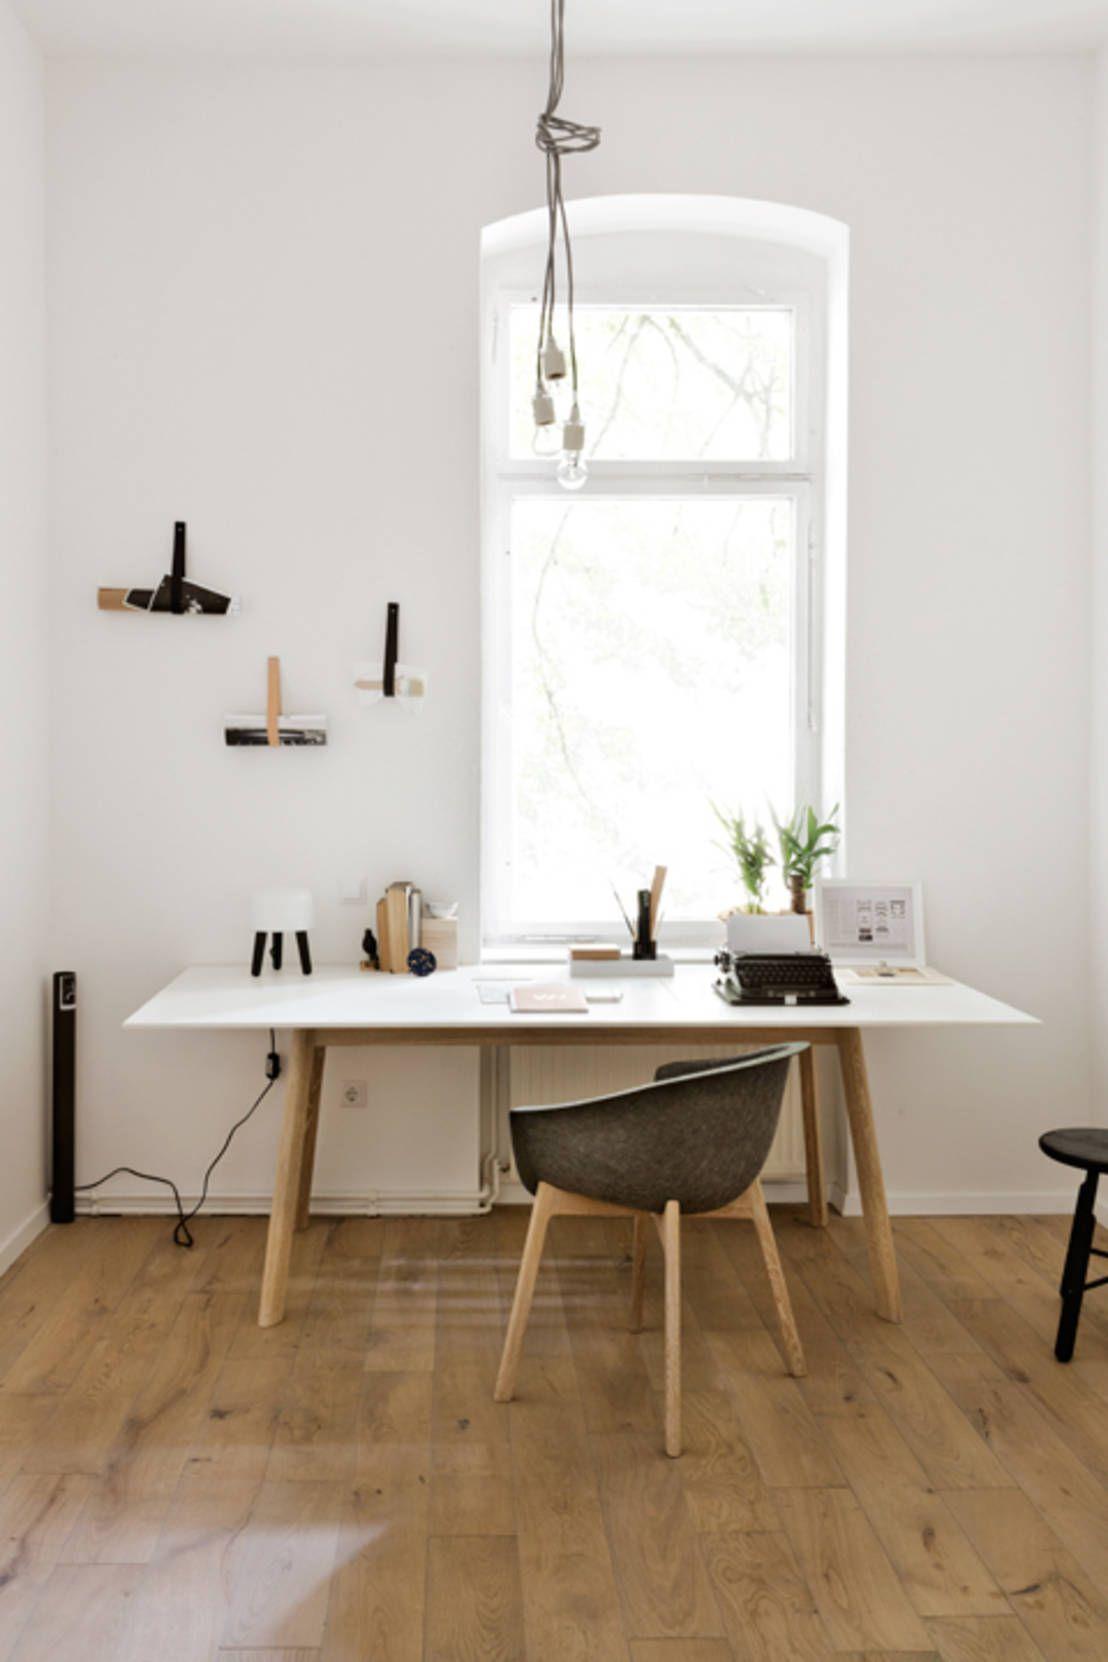 Ausschnitte einer Berliner Wohnung Minimalistisch wohnen